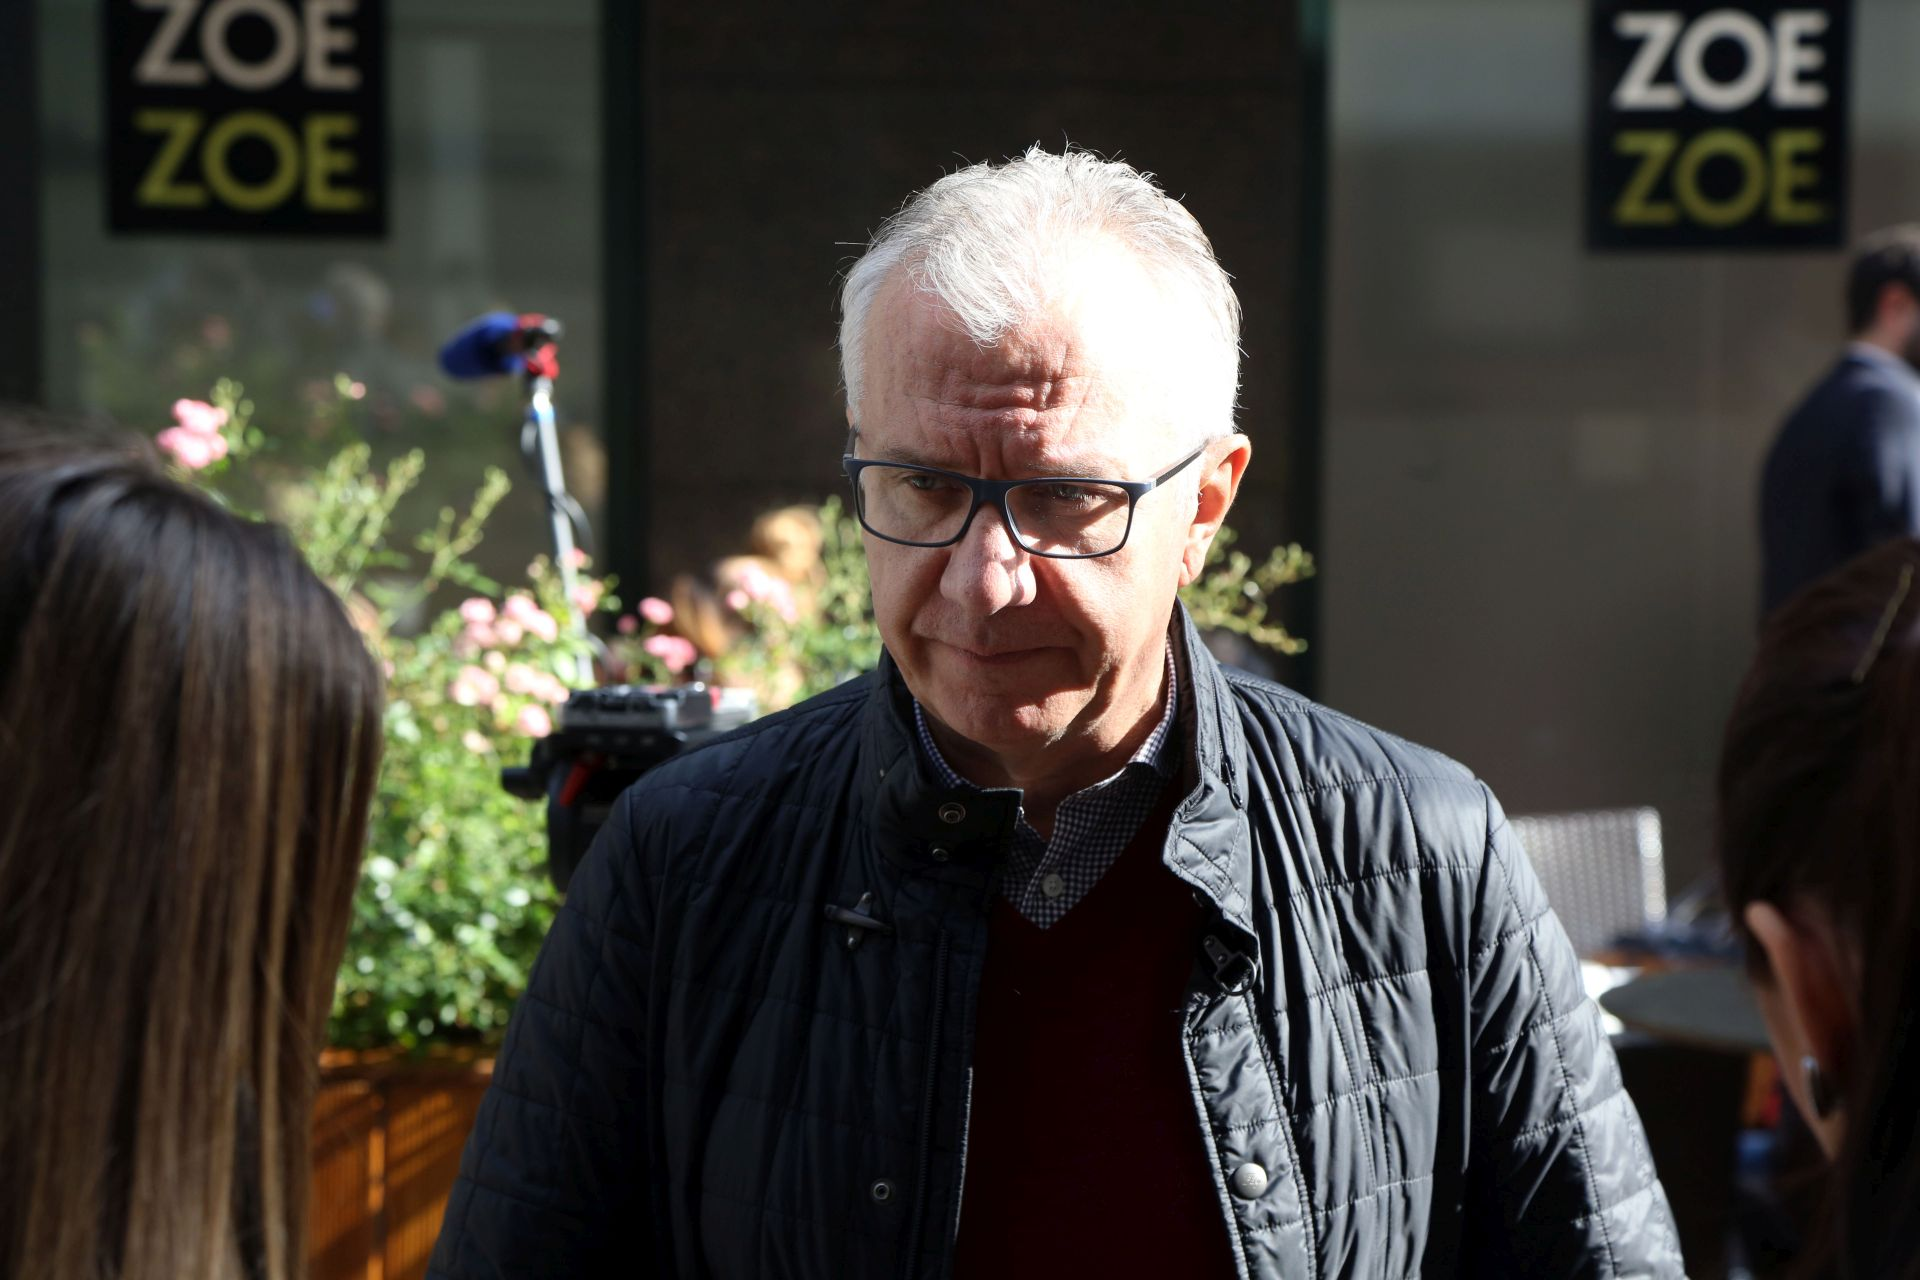 Predsjedništvo SDP-a osudilo Rudićevu nazočnost otkrivanju spomen ploče s ustaškim pozdravom